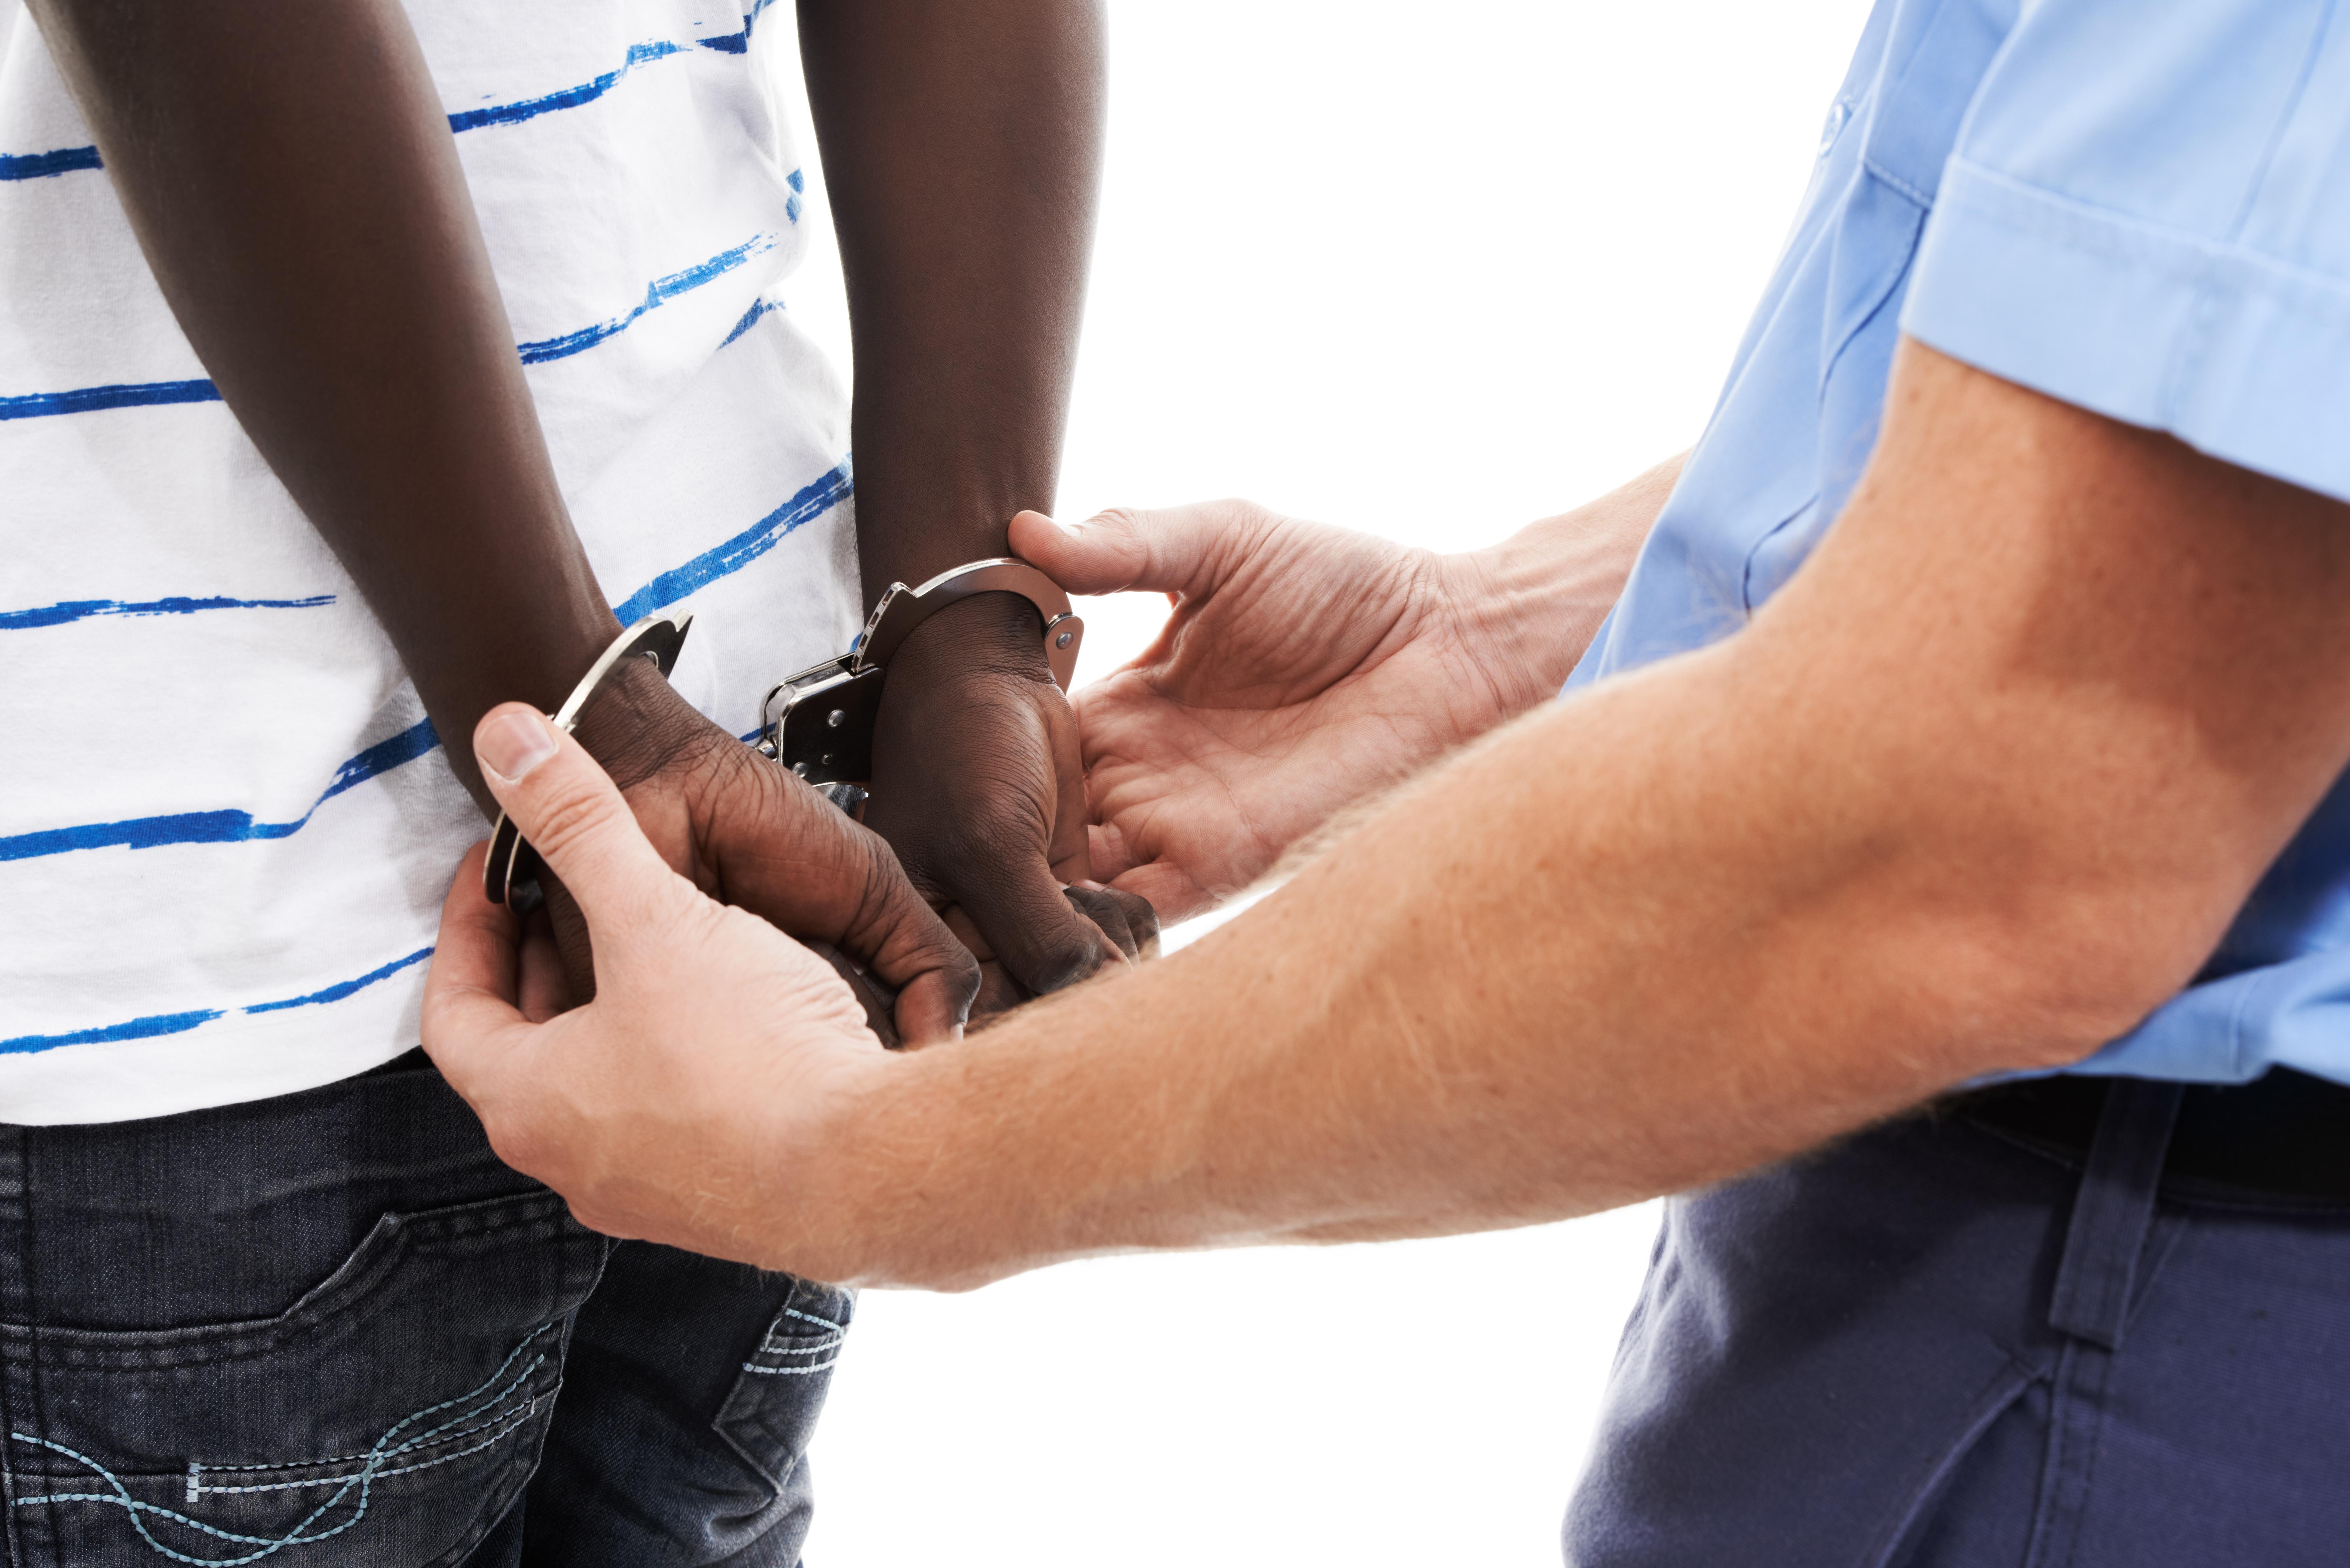 Debat over racisme op Leidse universiteit: 'Kleurenblindheid is niet wenselijk in het strafrecht'